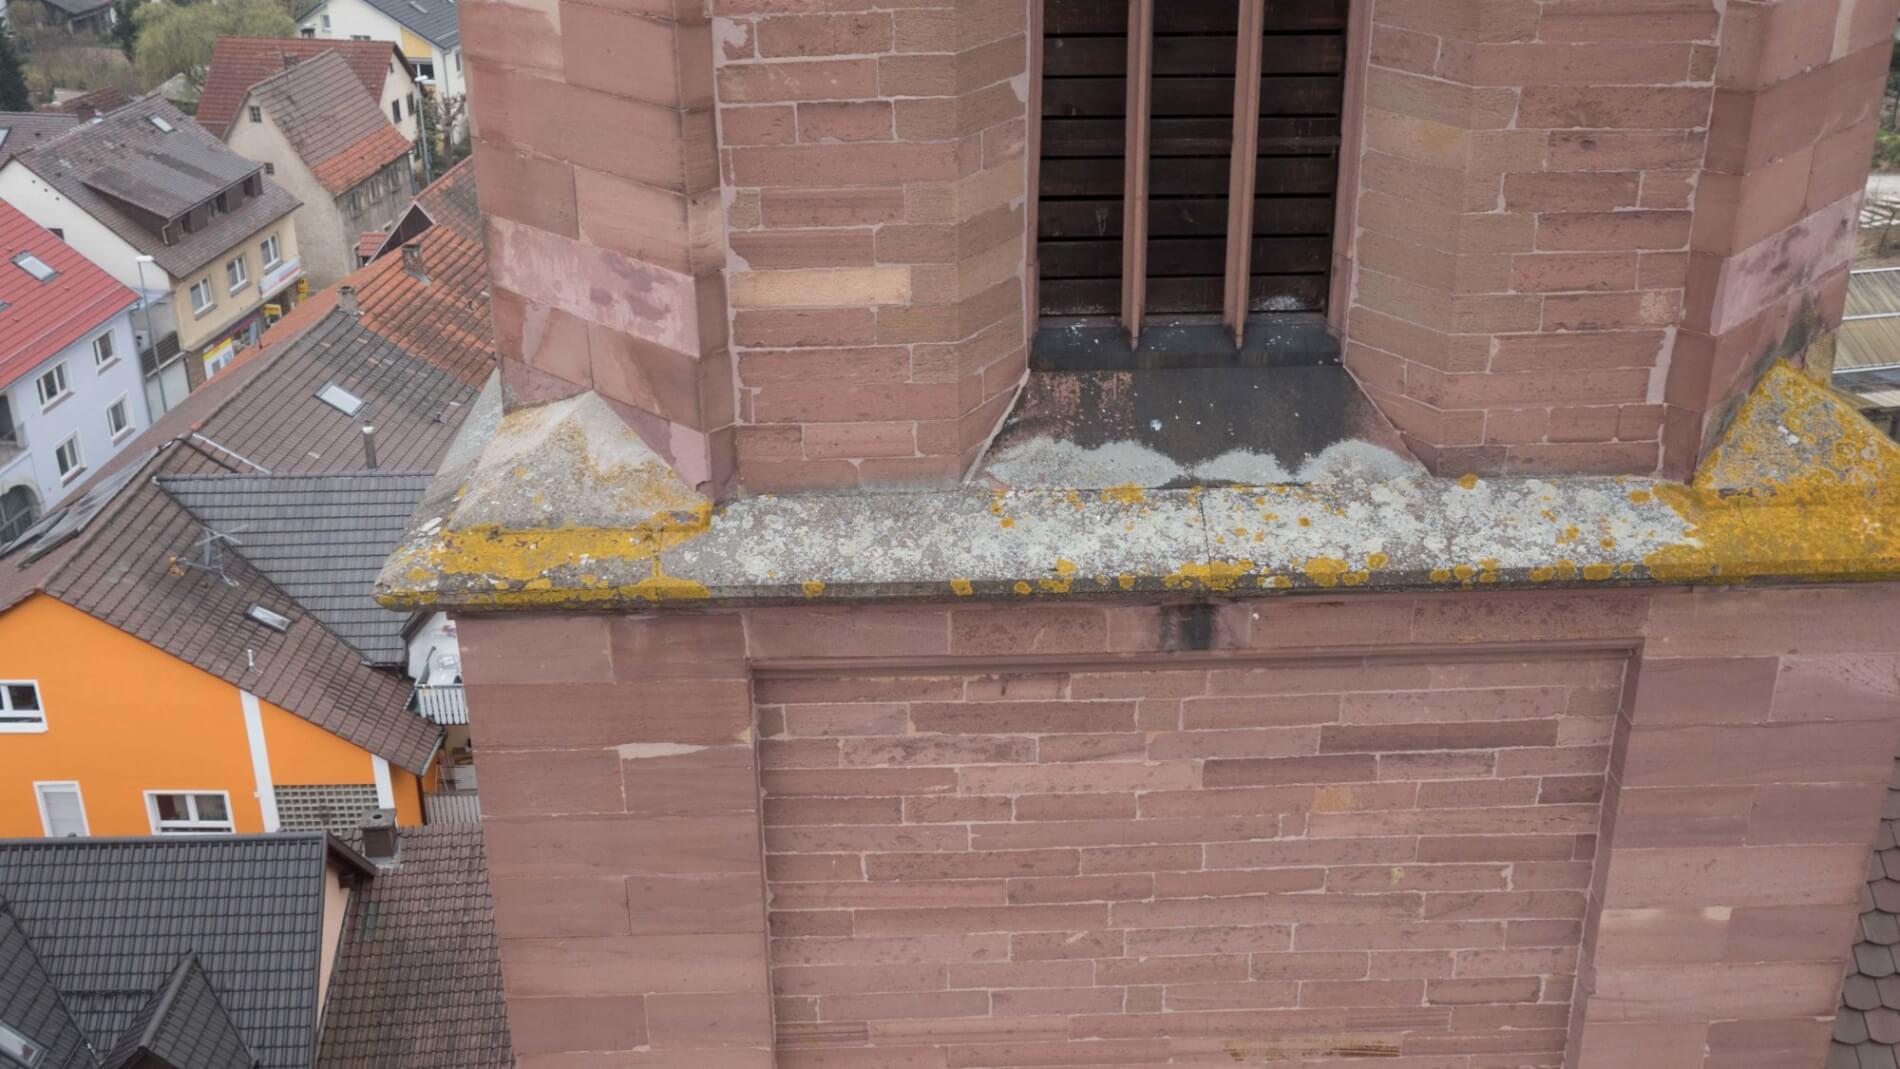 Kirchen-Inspektion-mit-Multicopter-zur-Denkmalpflege